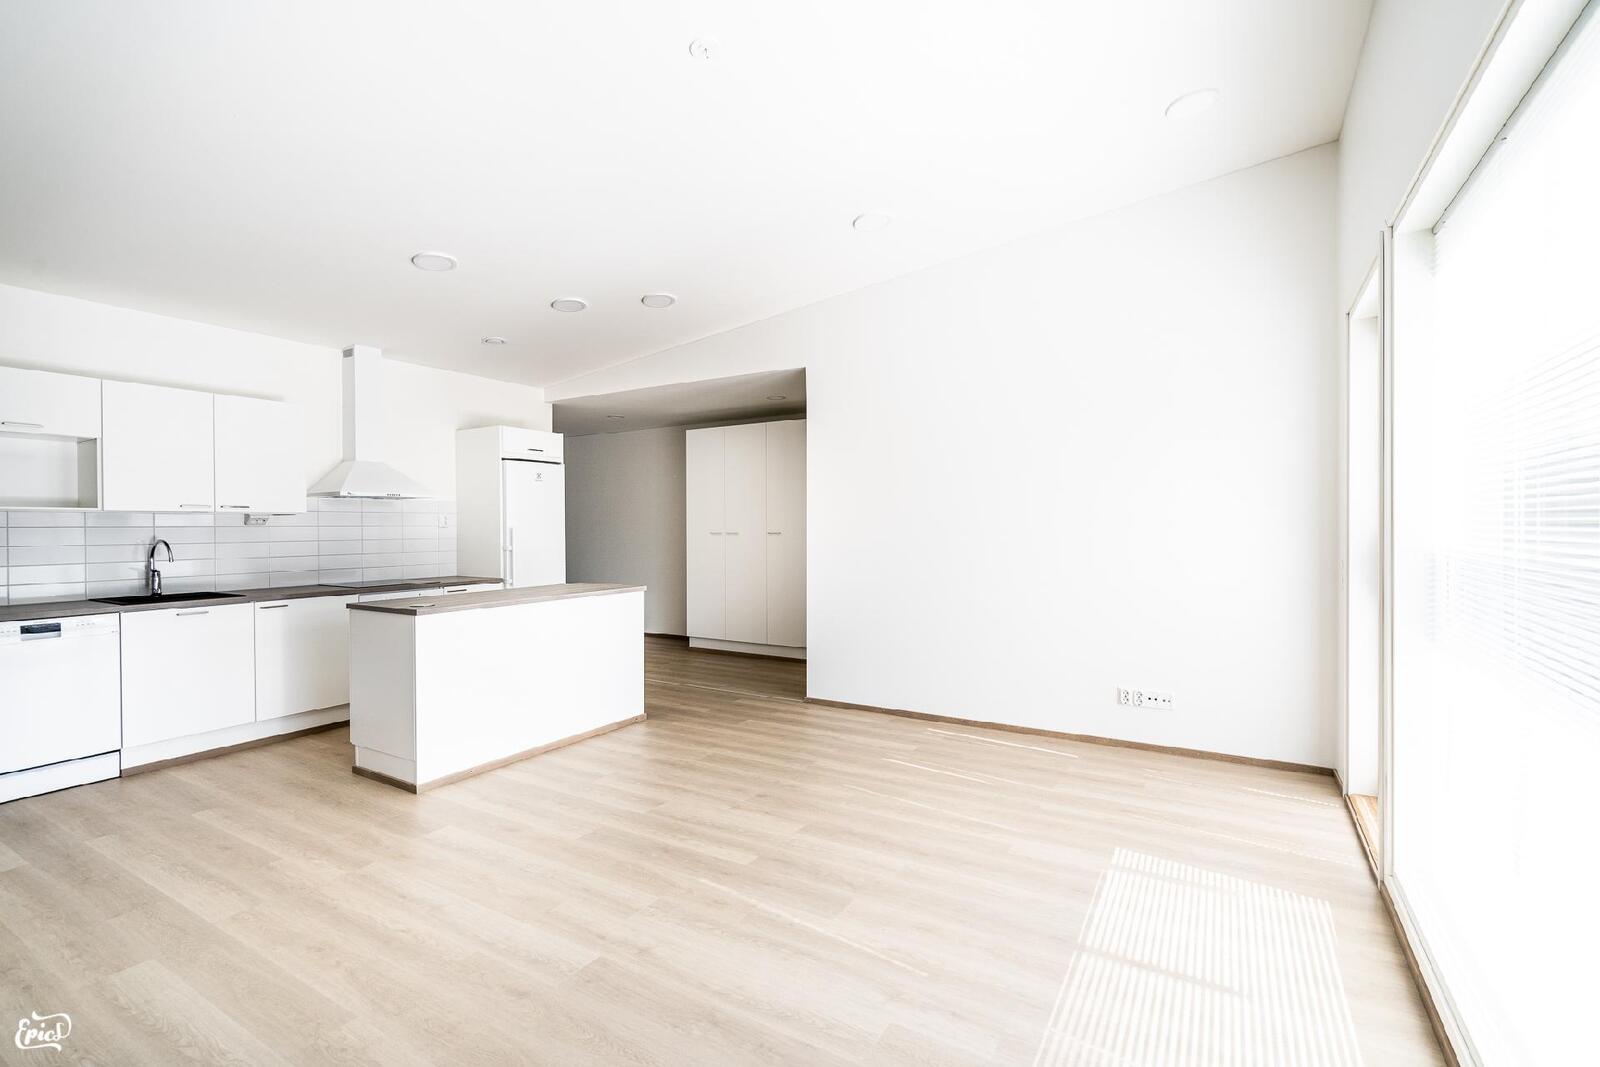 Olohuone / keittiö (kuva viereisestä Asunto Oy Valkeakosken Antin ranta I asunnosta)